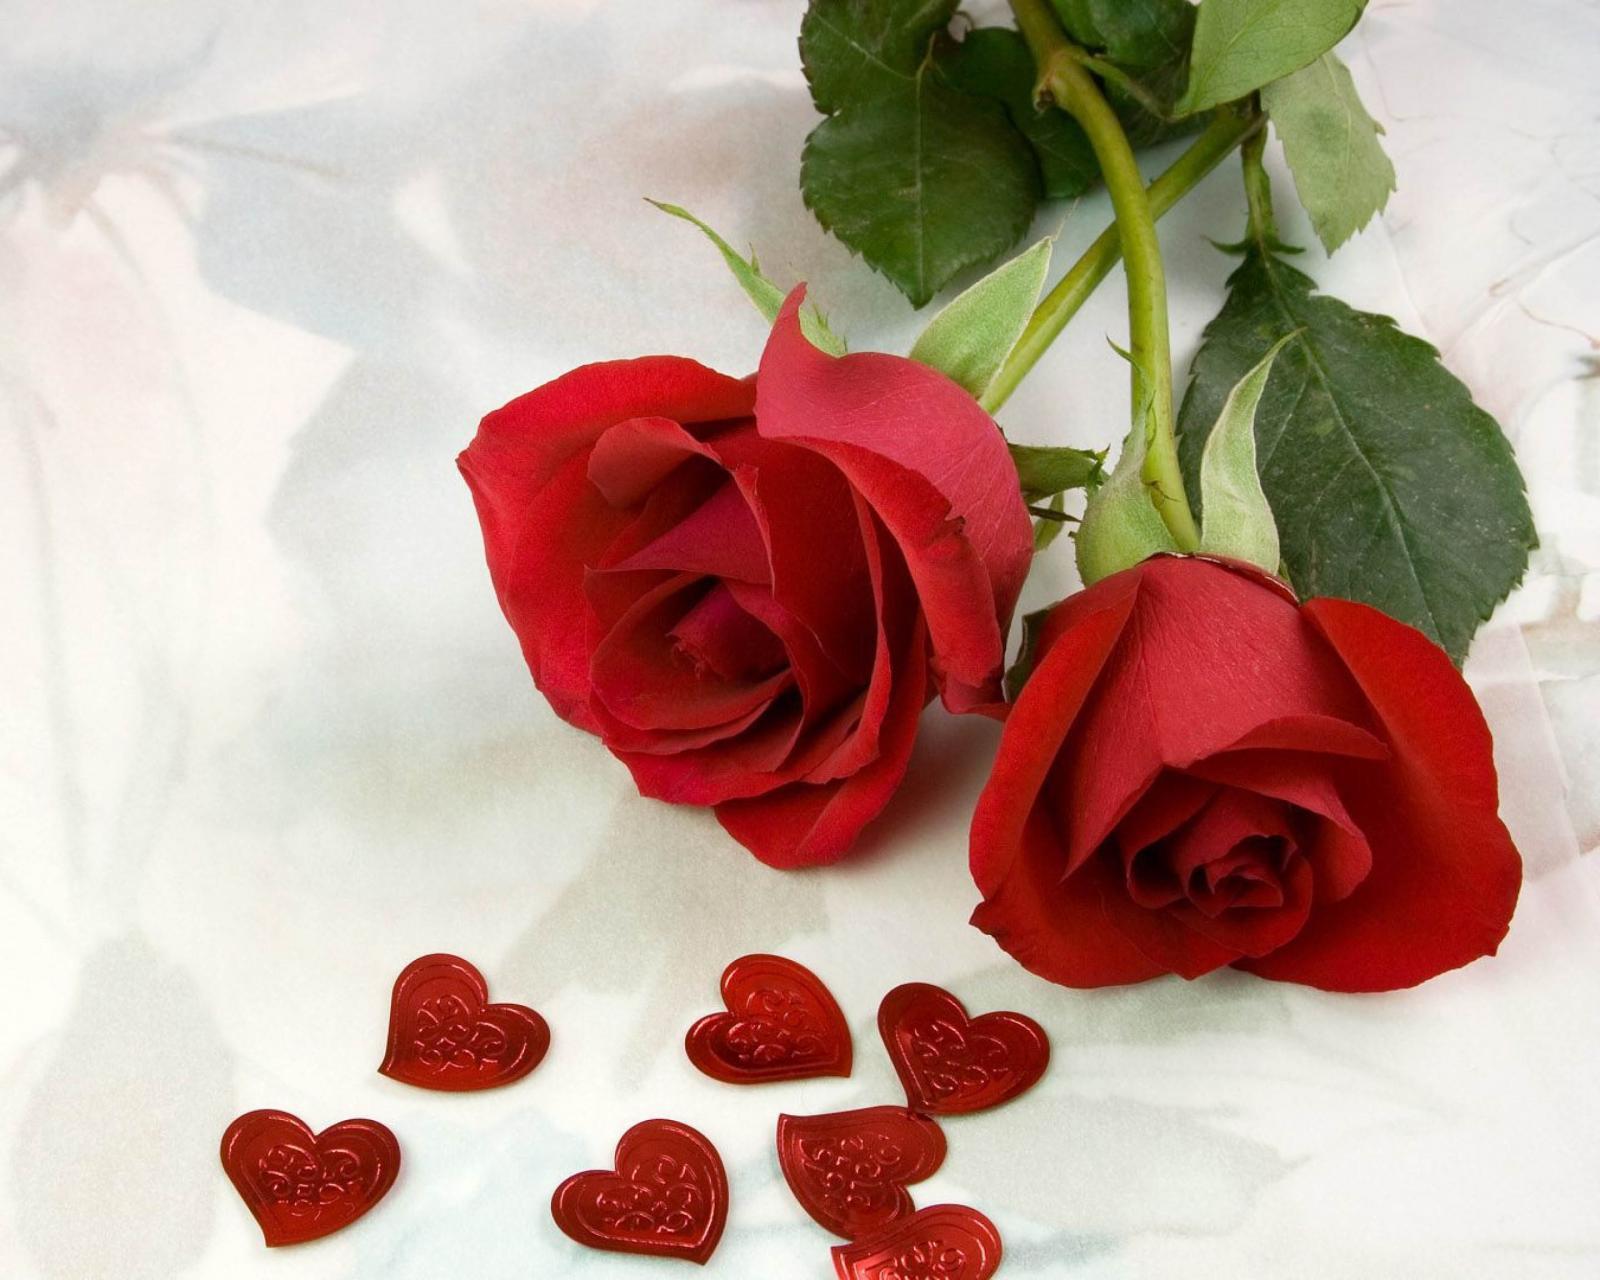 بالصور ورود الحب , ورده الحب الصافي 2182 3